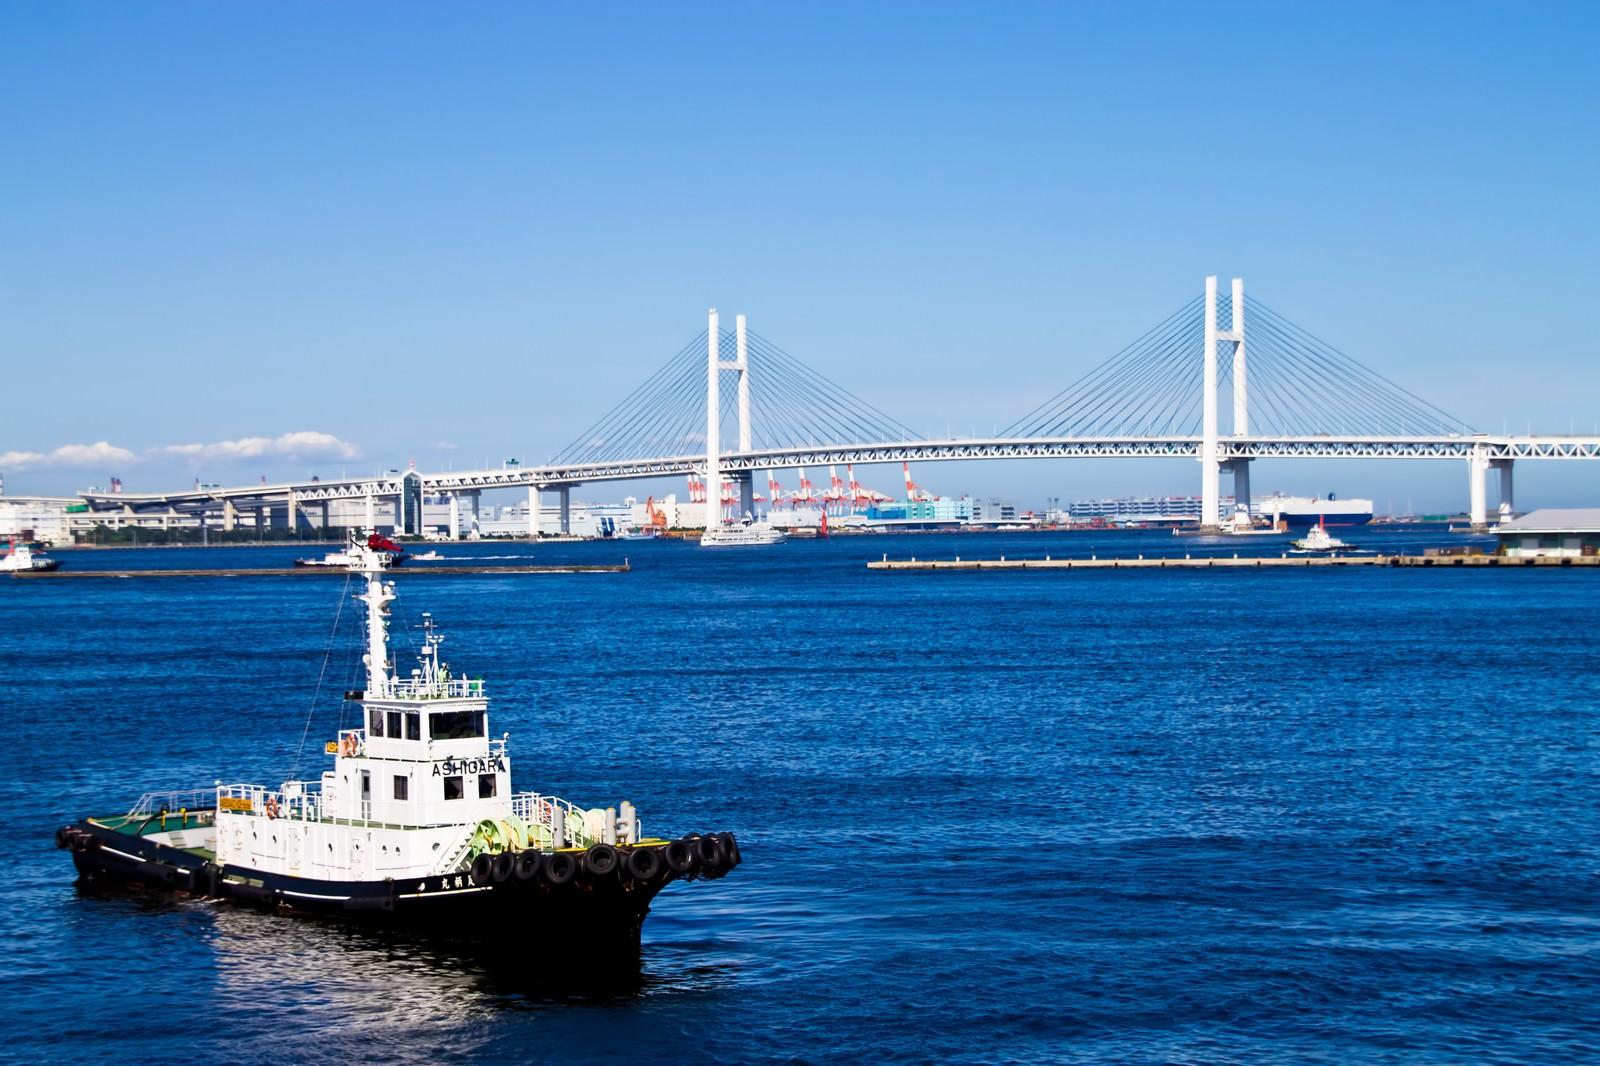 「ベイブリッジと青い海」の写真